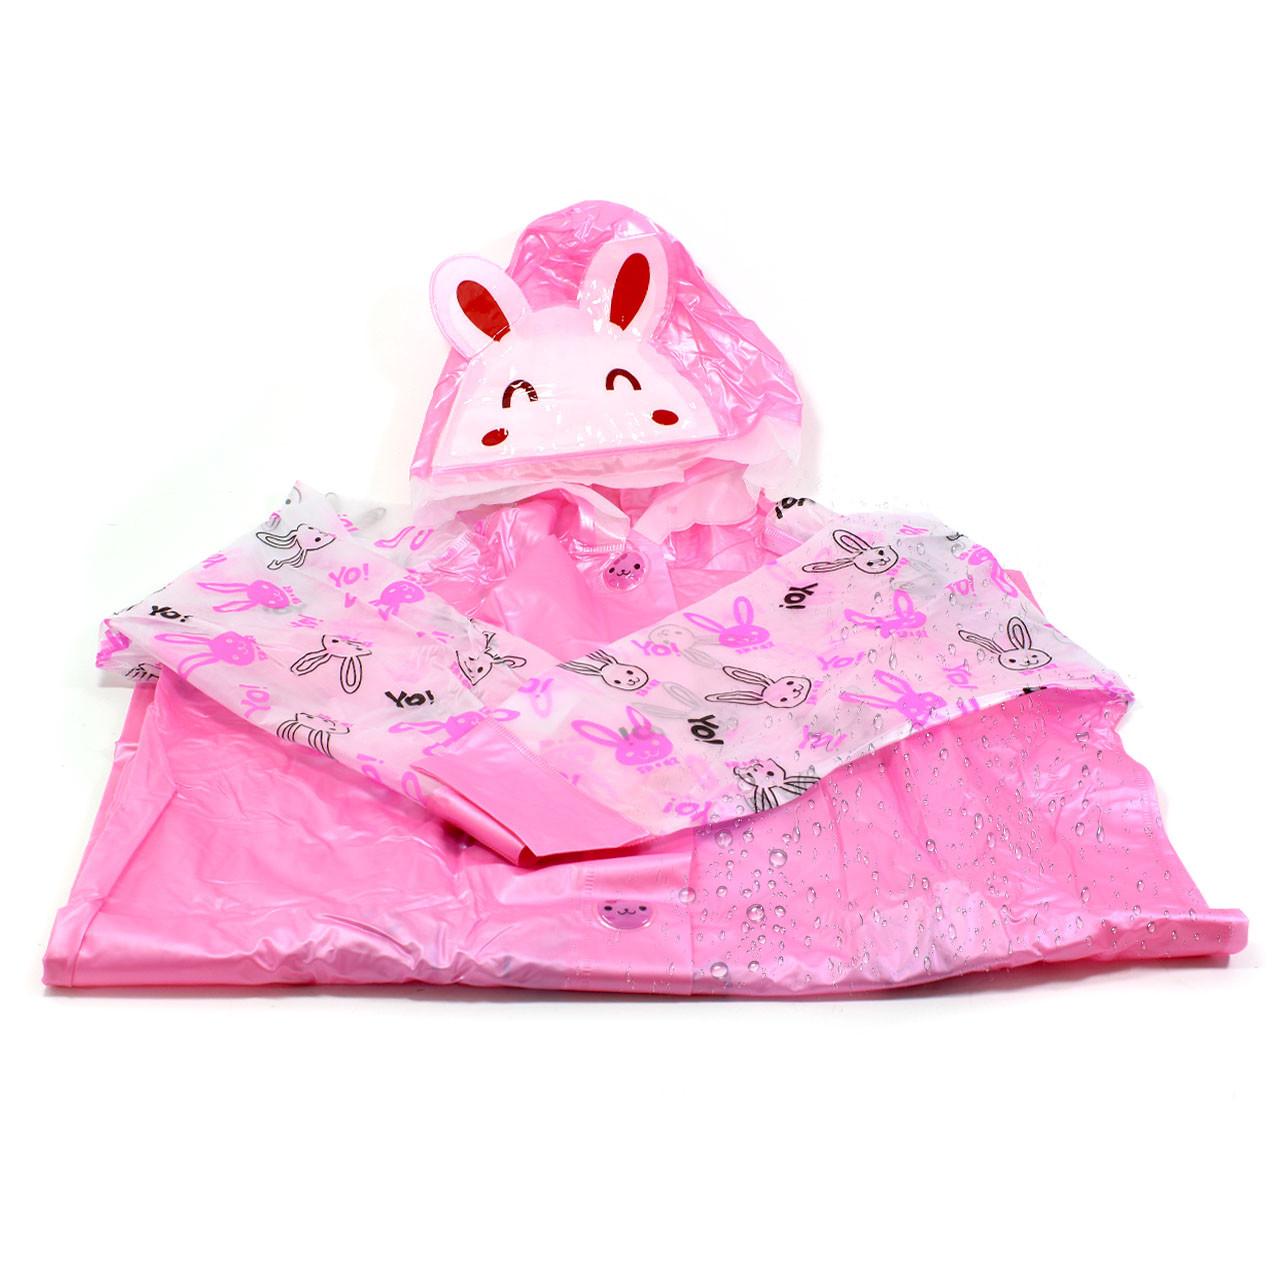 Плащ дождевик Lesko детский водонепроницаемый с местом под рюкзак розовый M для девочек детей от дождя